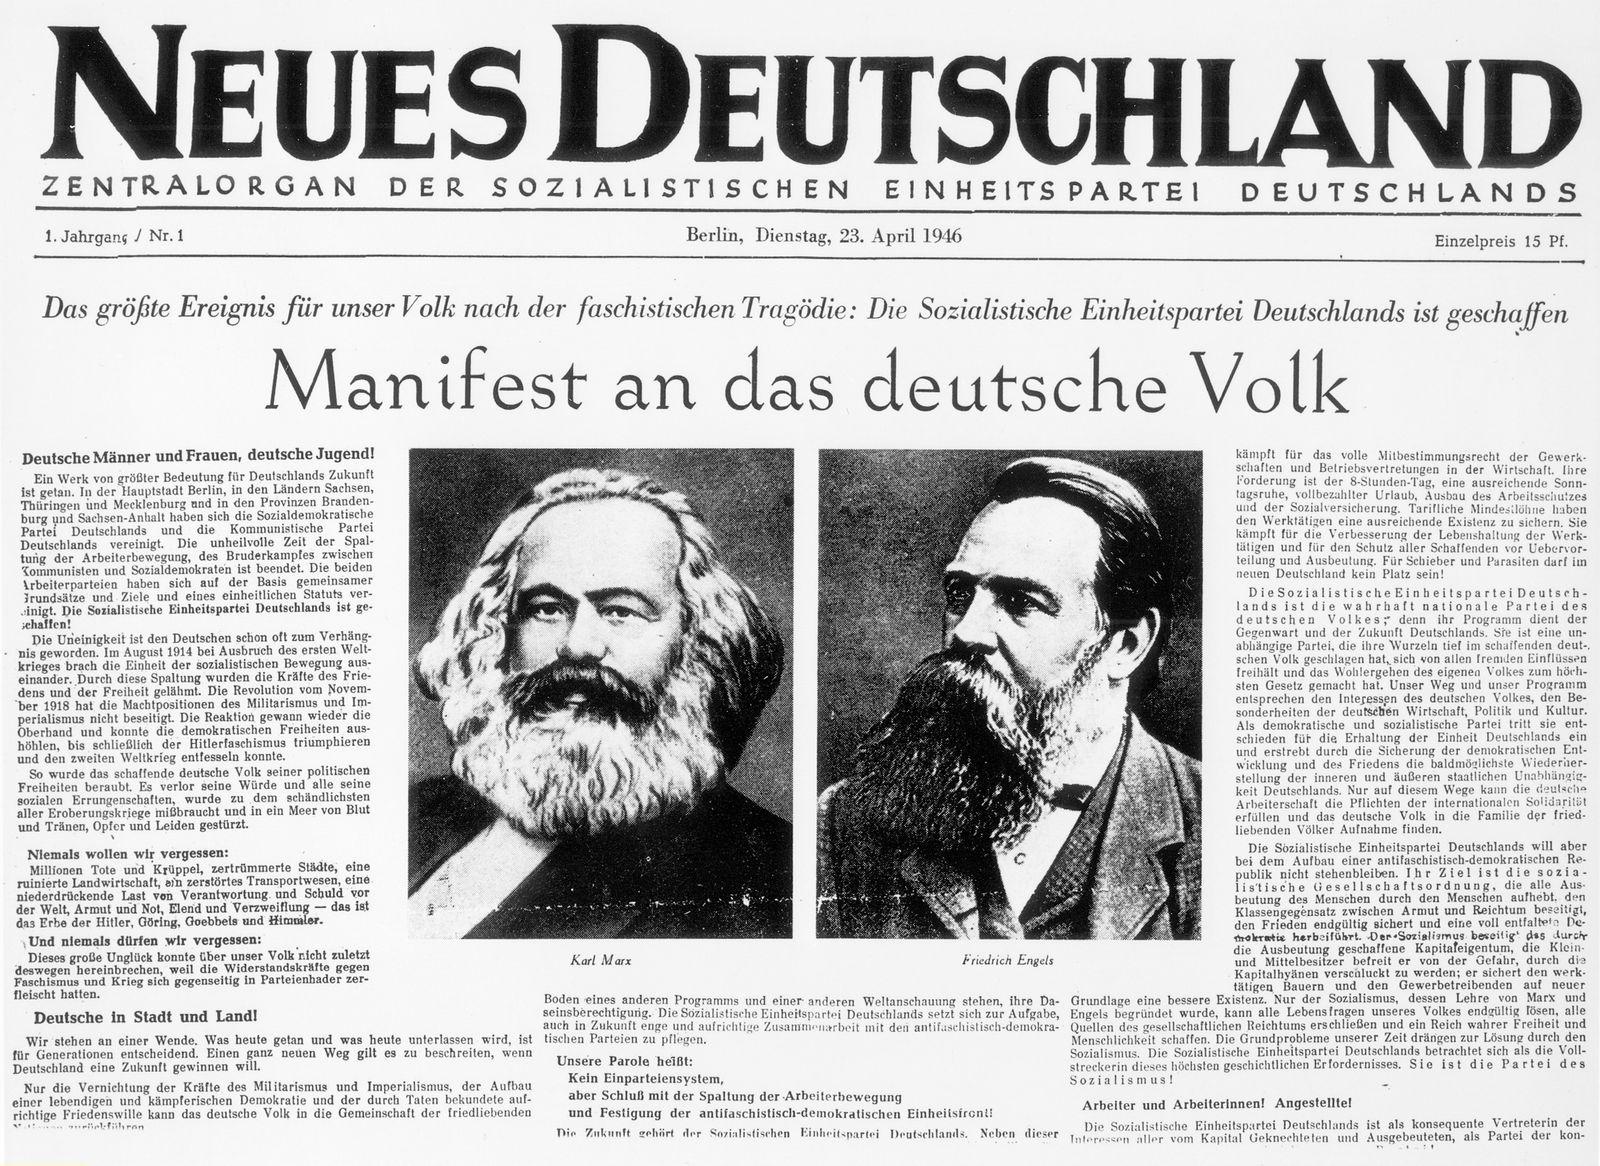 Zeitungen DDR: Gruendung SED